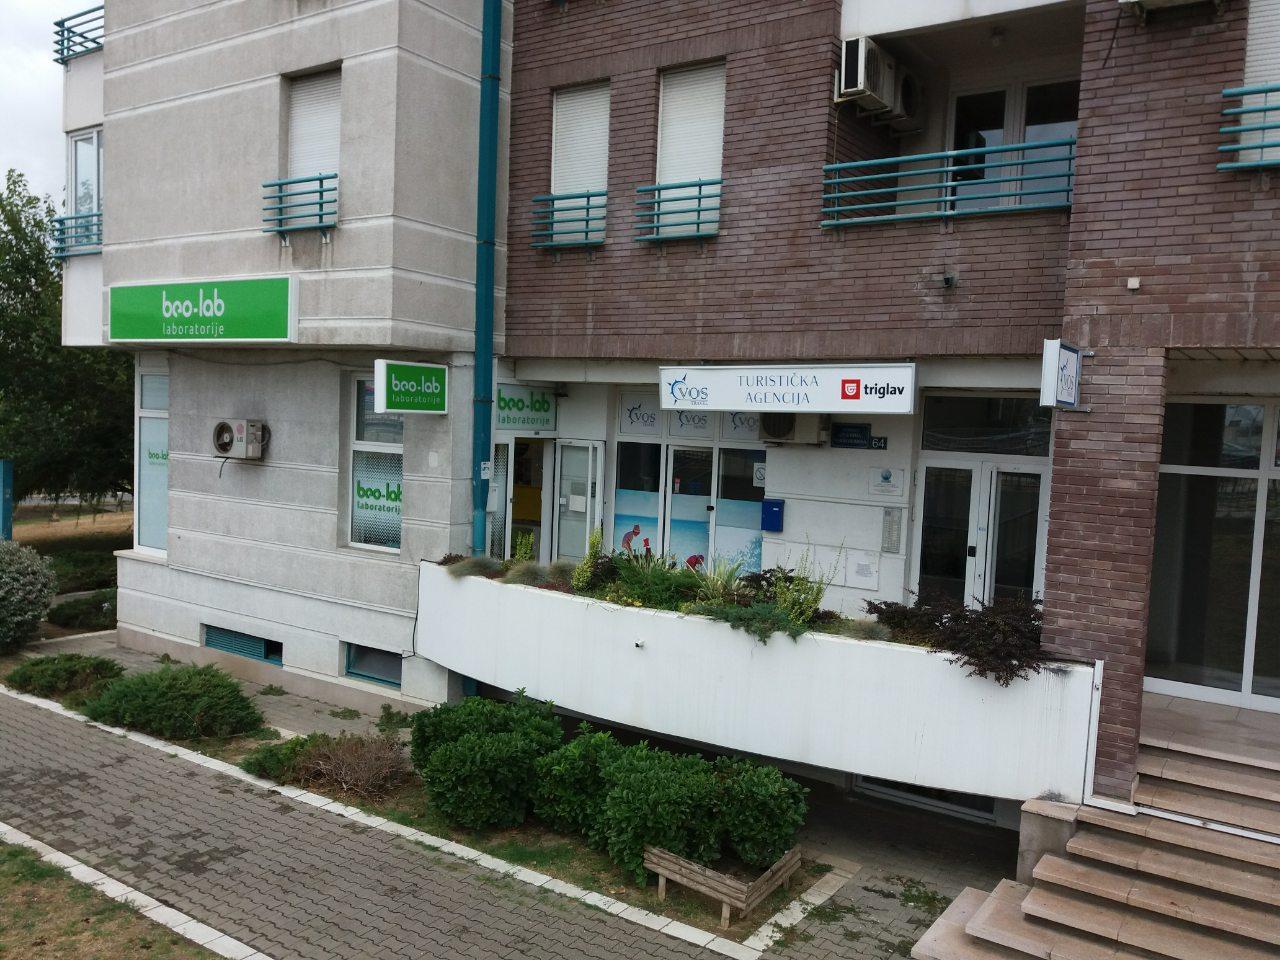 Beo-lab laboratorija Arena, Bul. Arsenija Čarnojevića 64 6